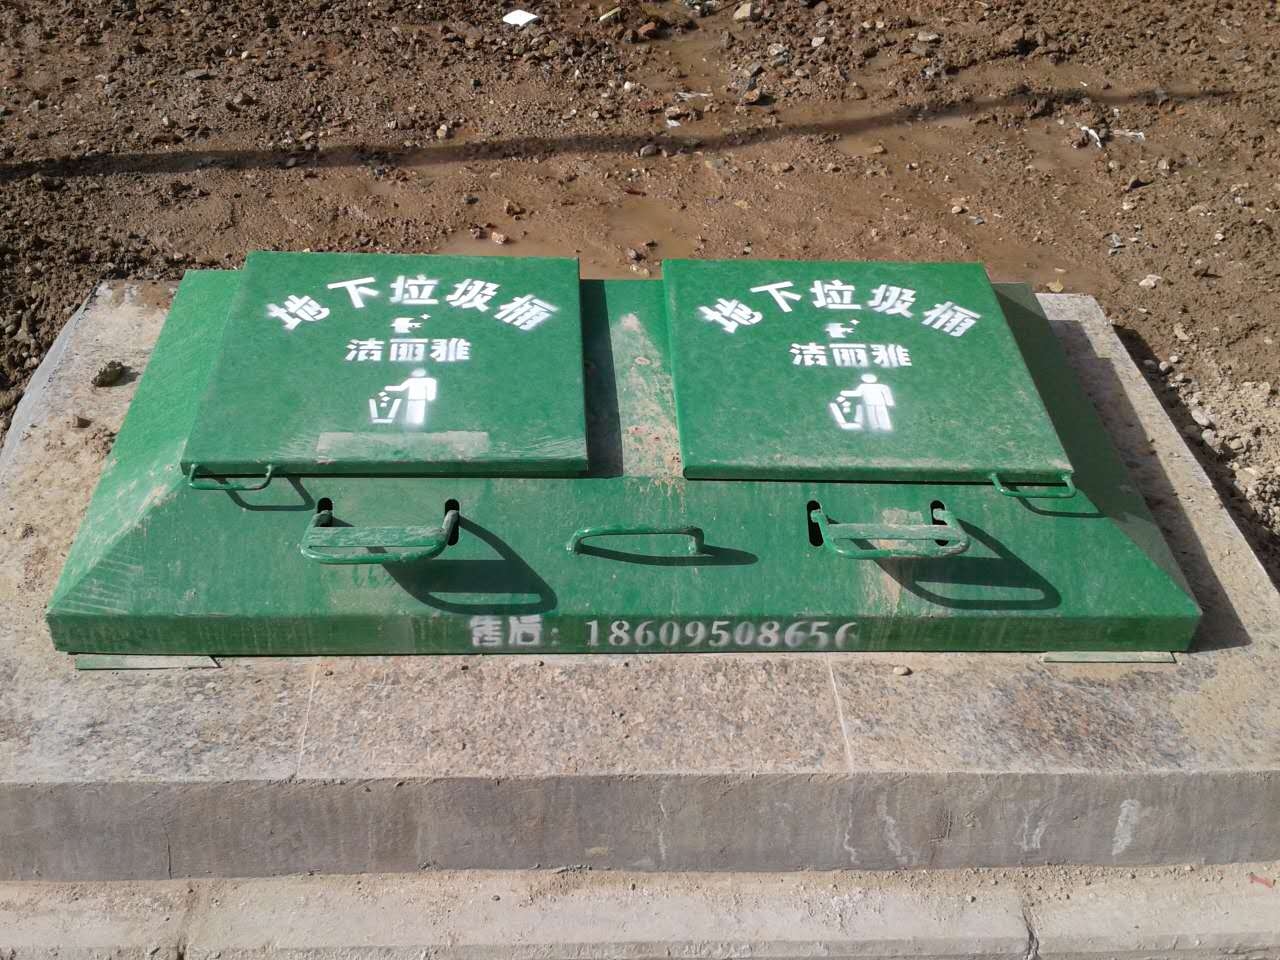 供应地埋式两连体垃圾箱,地埋式垃圾箱厂家直销,银川洁丽雅环卫园林设备有限公司